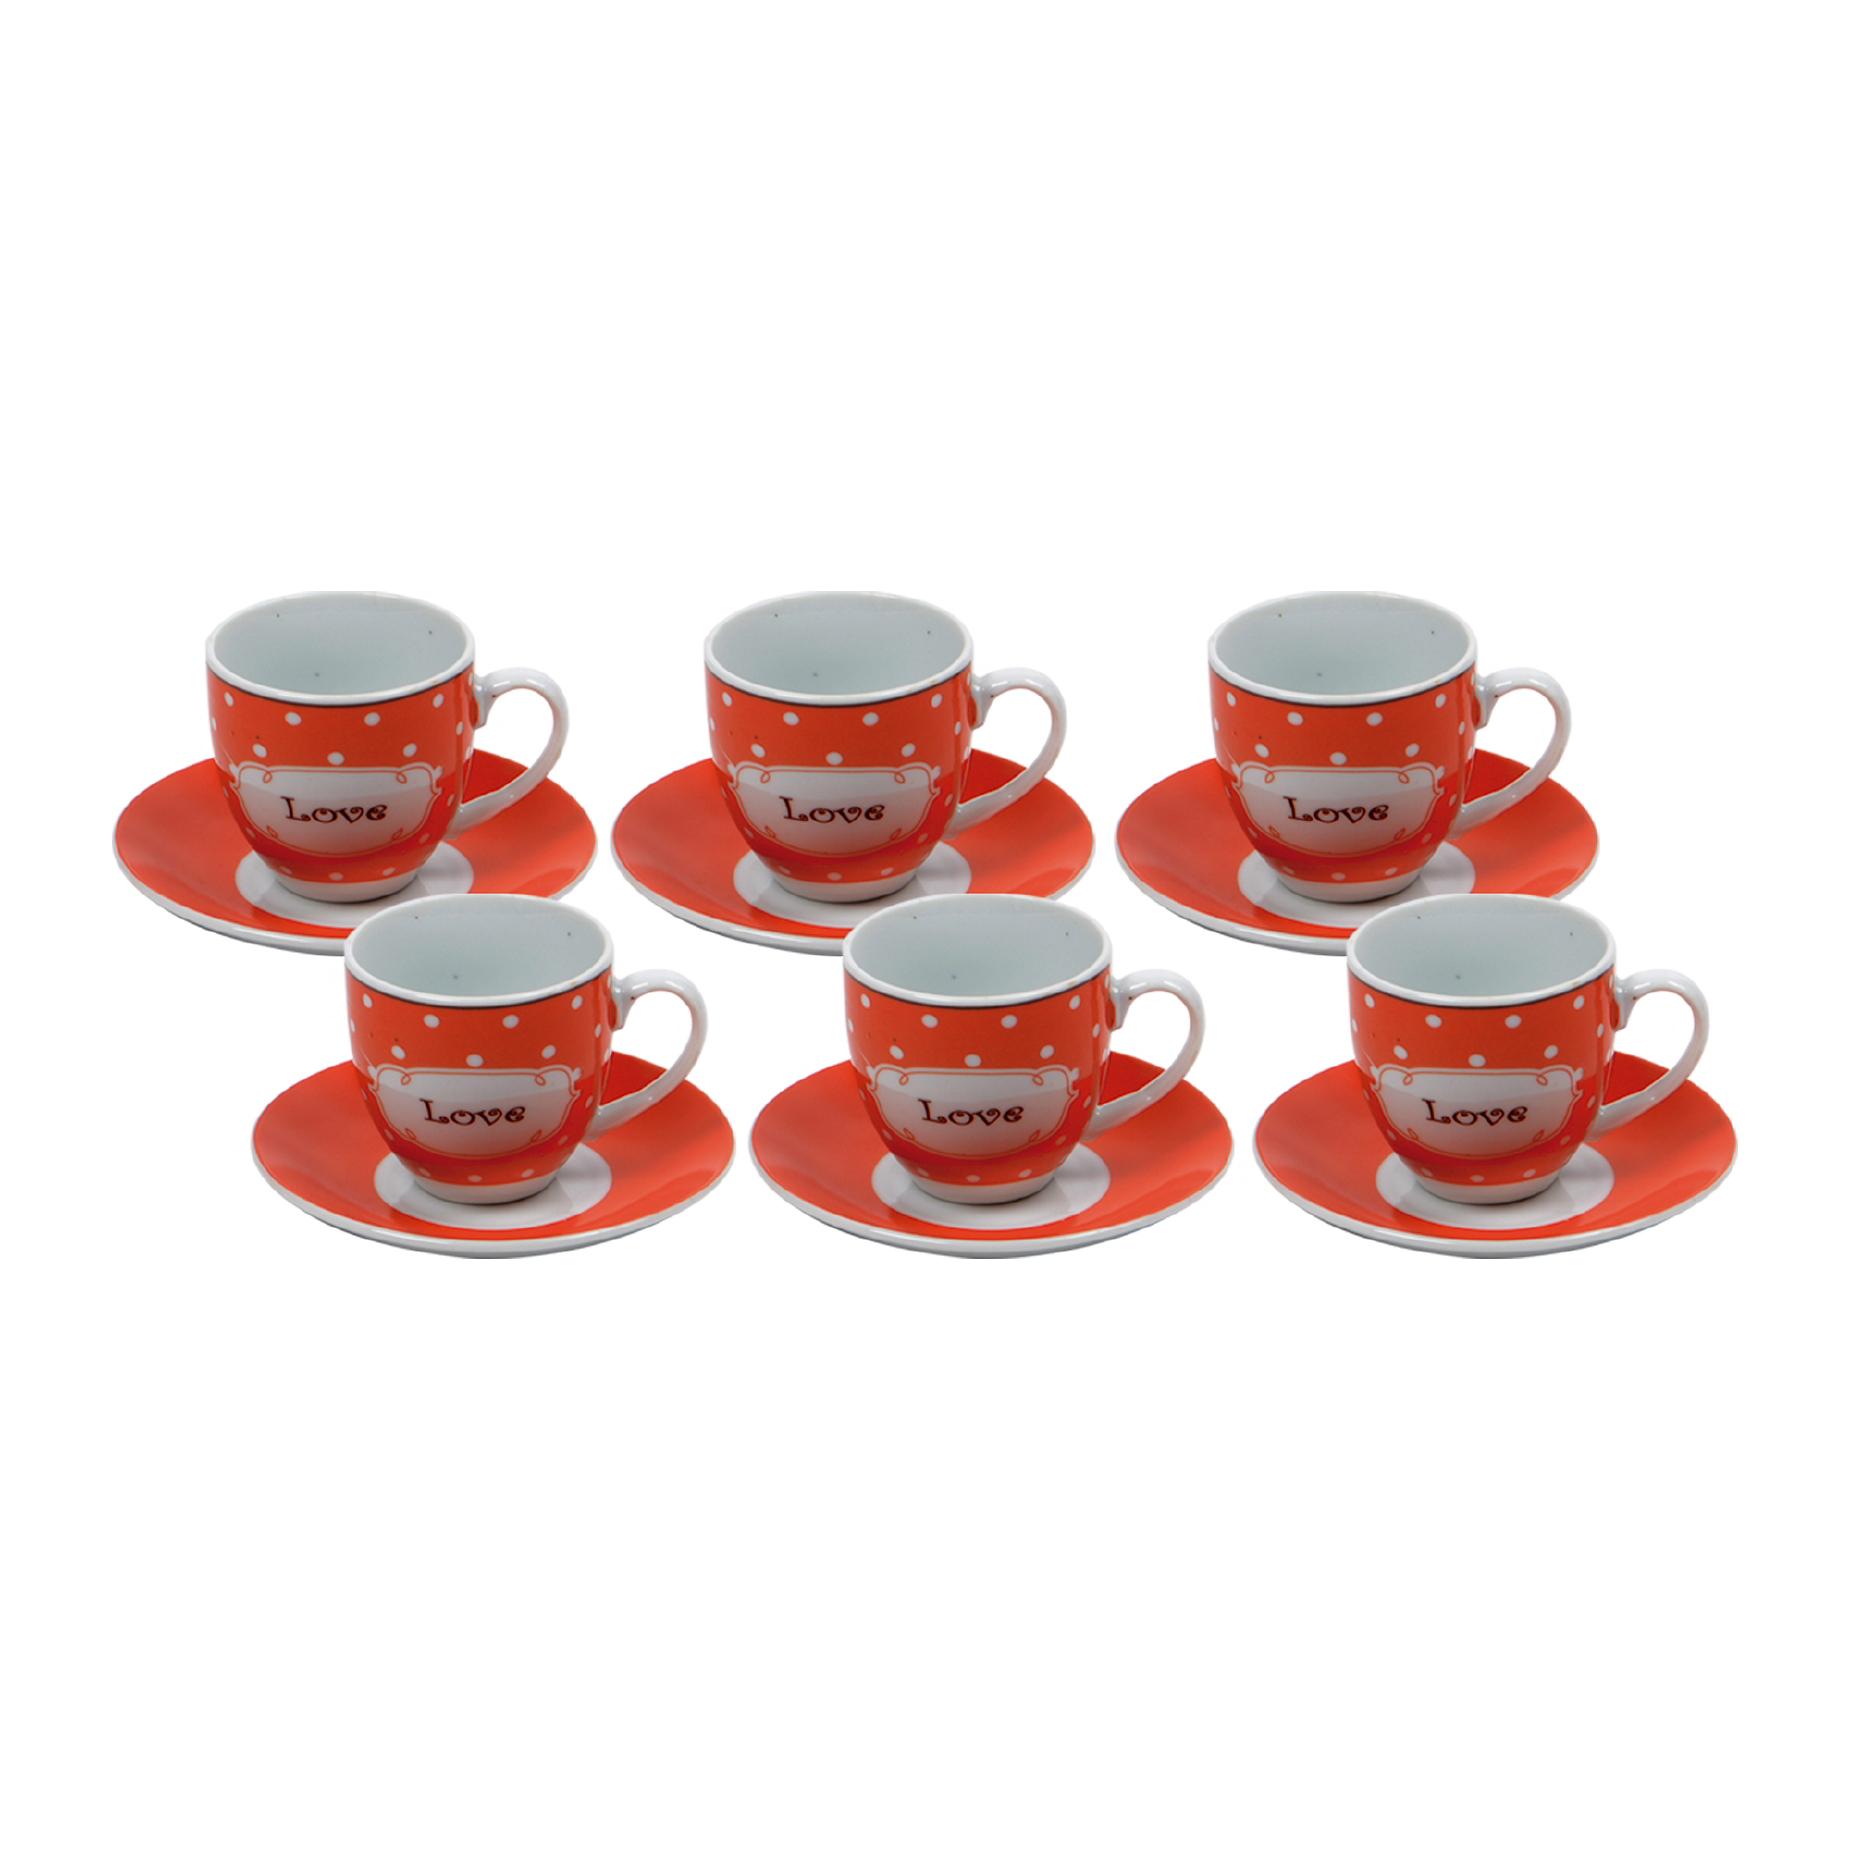 Jogo de xícaras de Chá Love Vermelho